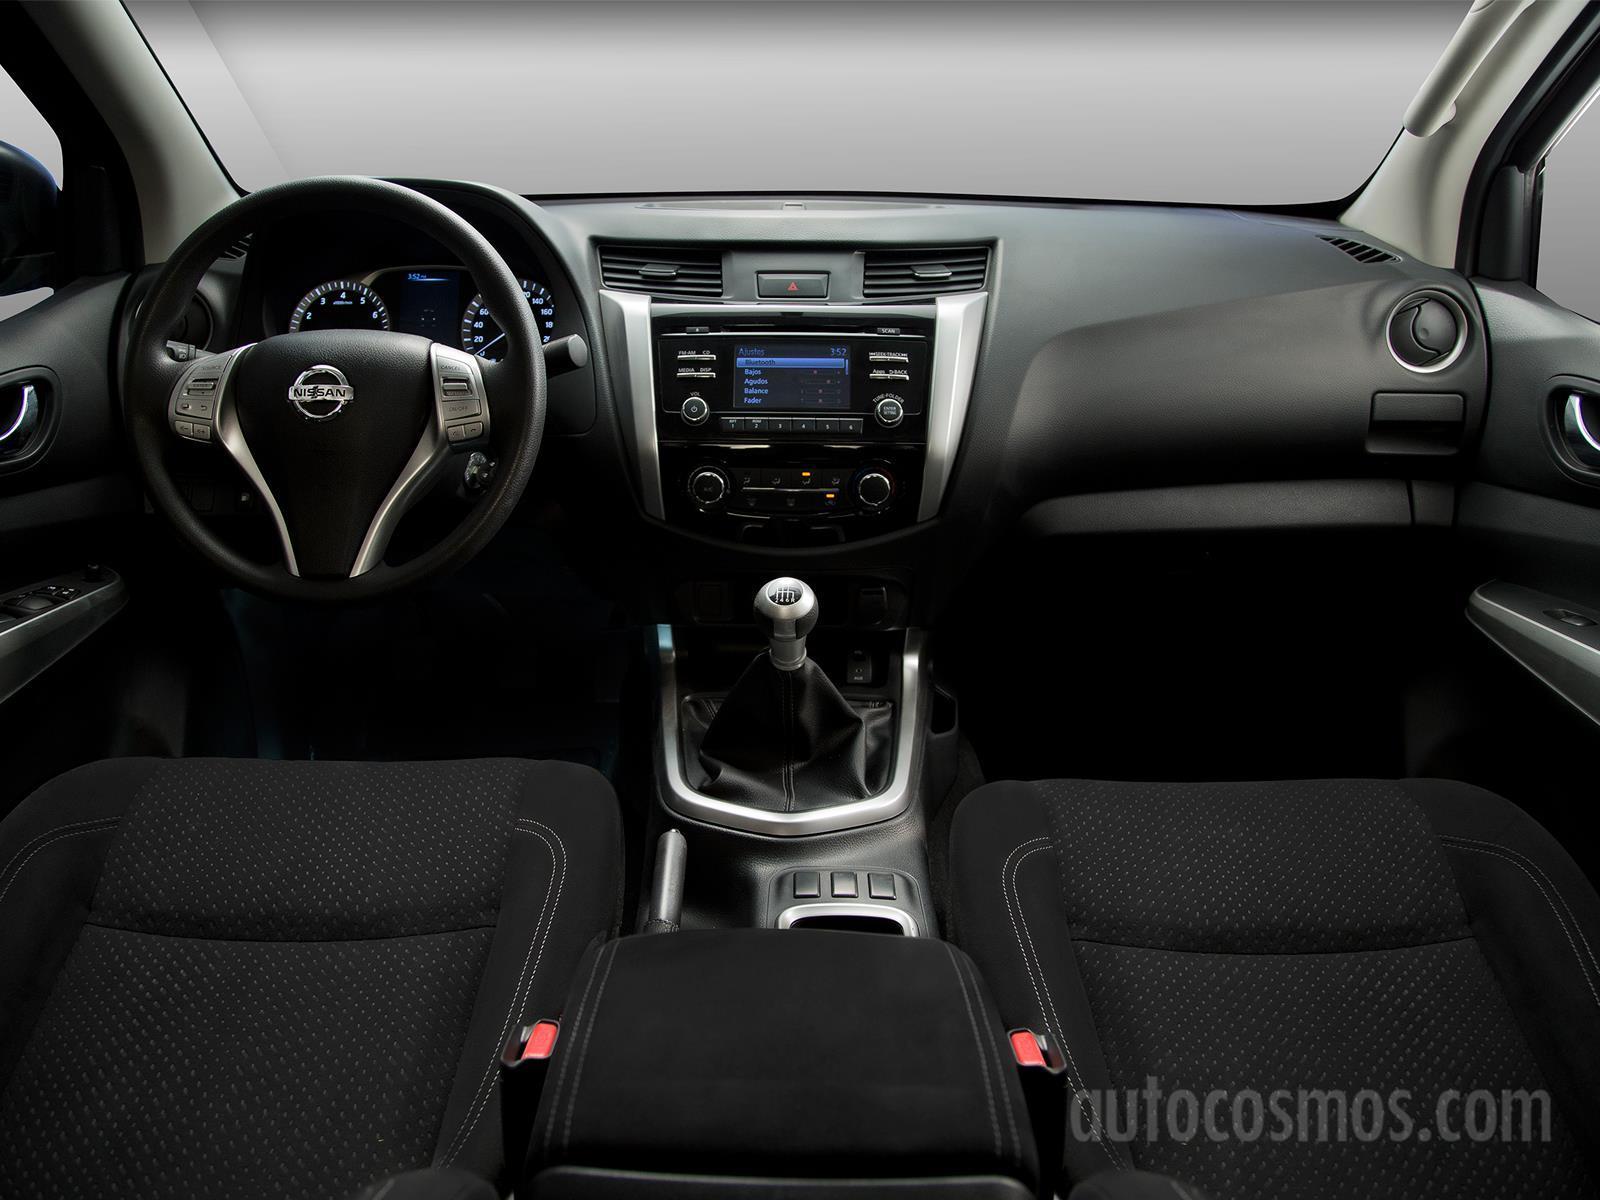 Manejamos la Nissan NP300 Frontier 2016 - Autocosmos.com